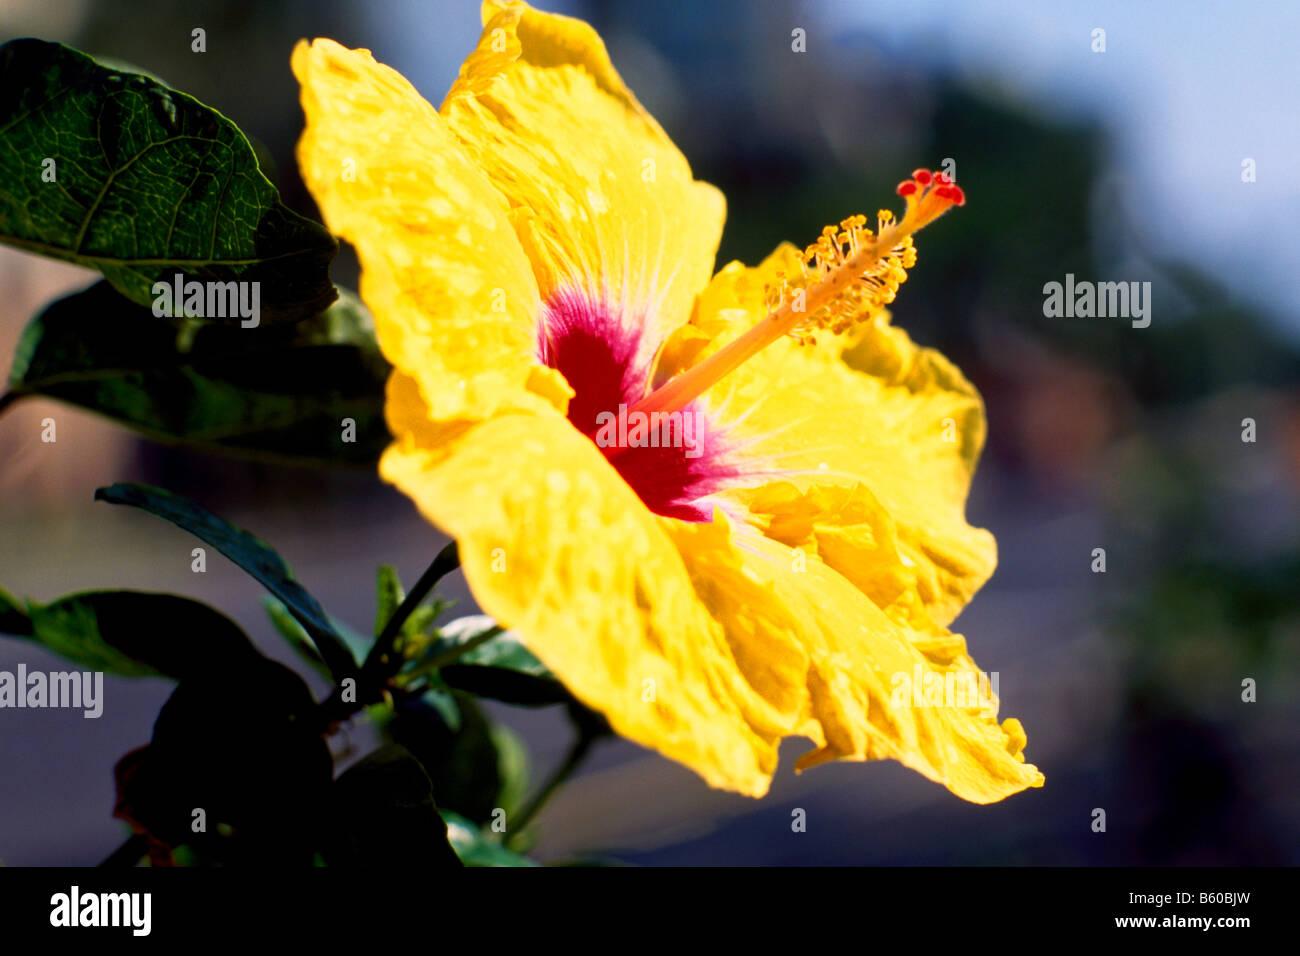 Hawaii hibiscus oahu usa stock photos hawaii hibiscus oahu usa hawaii tropical flowers yellow hibiscus flower in bloom island of oahu hawaii izmirmasajfo